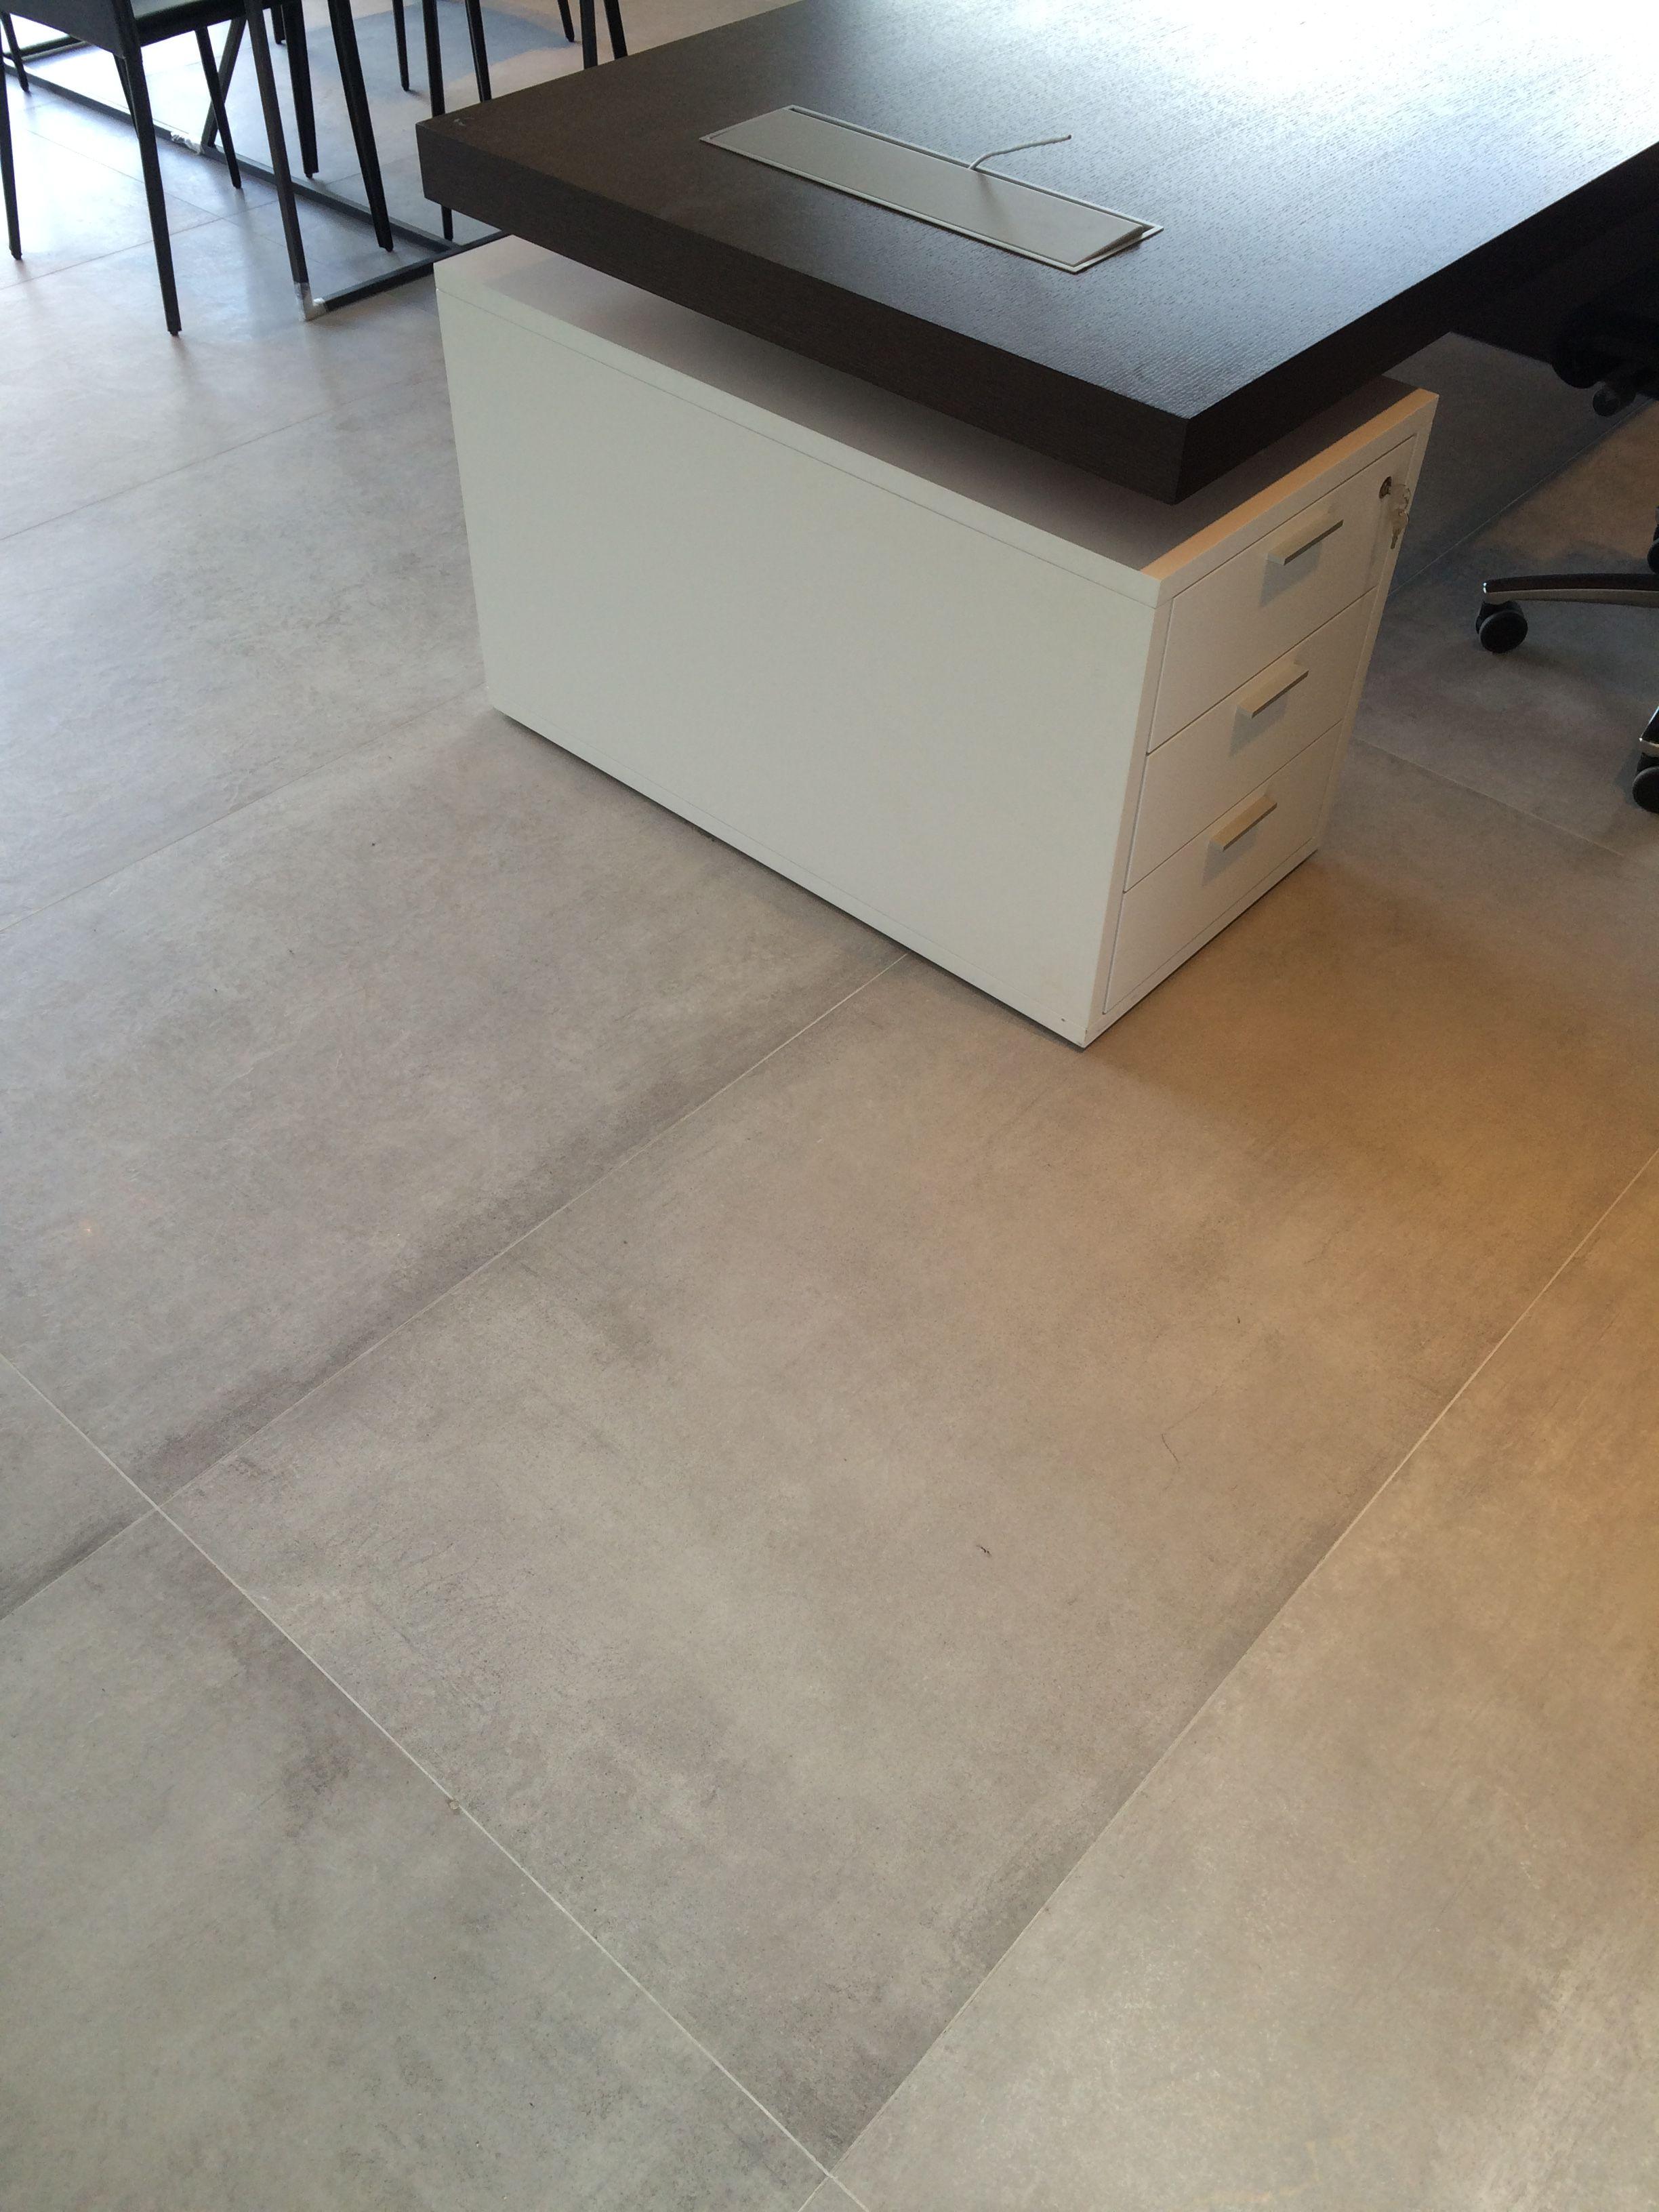 Italiaanse Keramische Vloertegels.Vloer Keramische Tegels 180x80 Betonlook Italiaanse